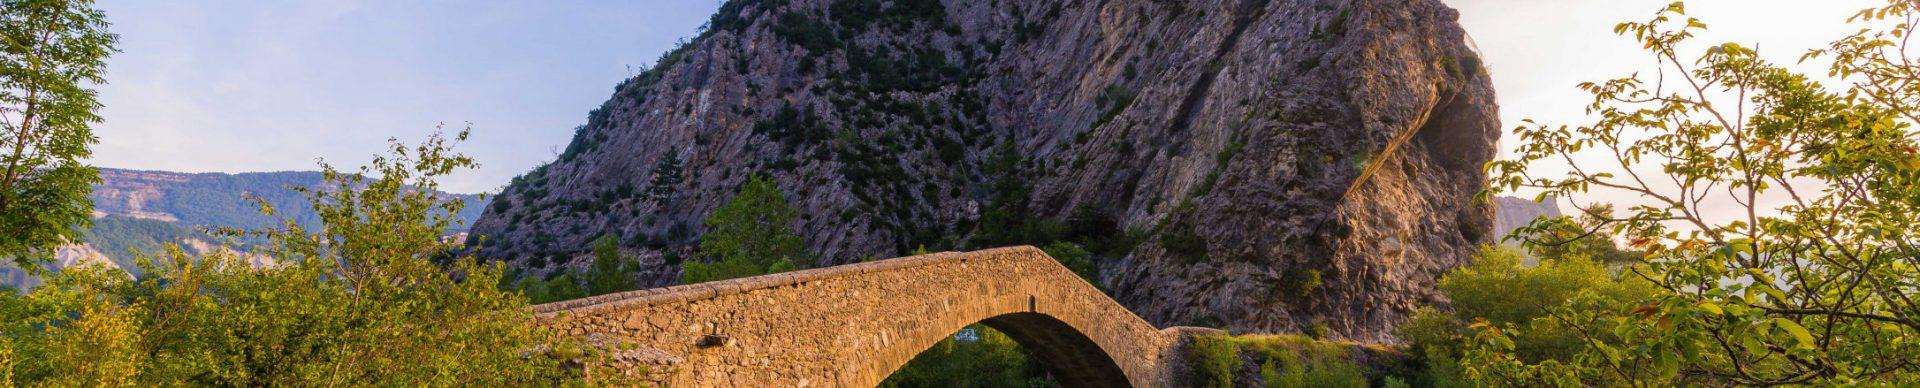 Pont de la reine Jeanne Castellane ©T Verneuil